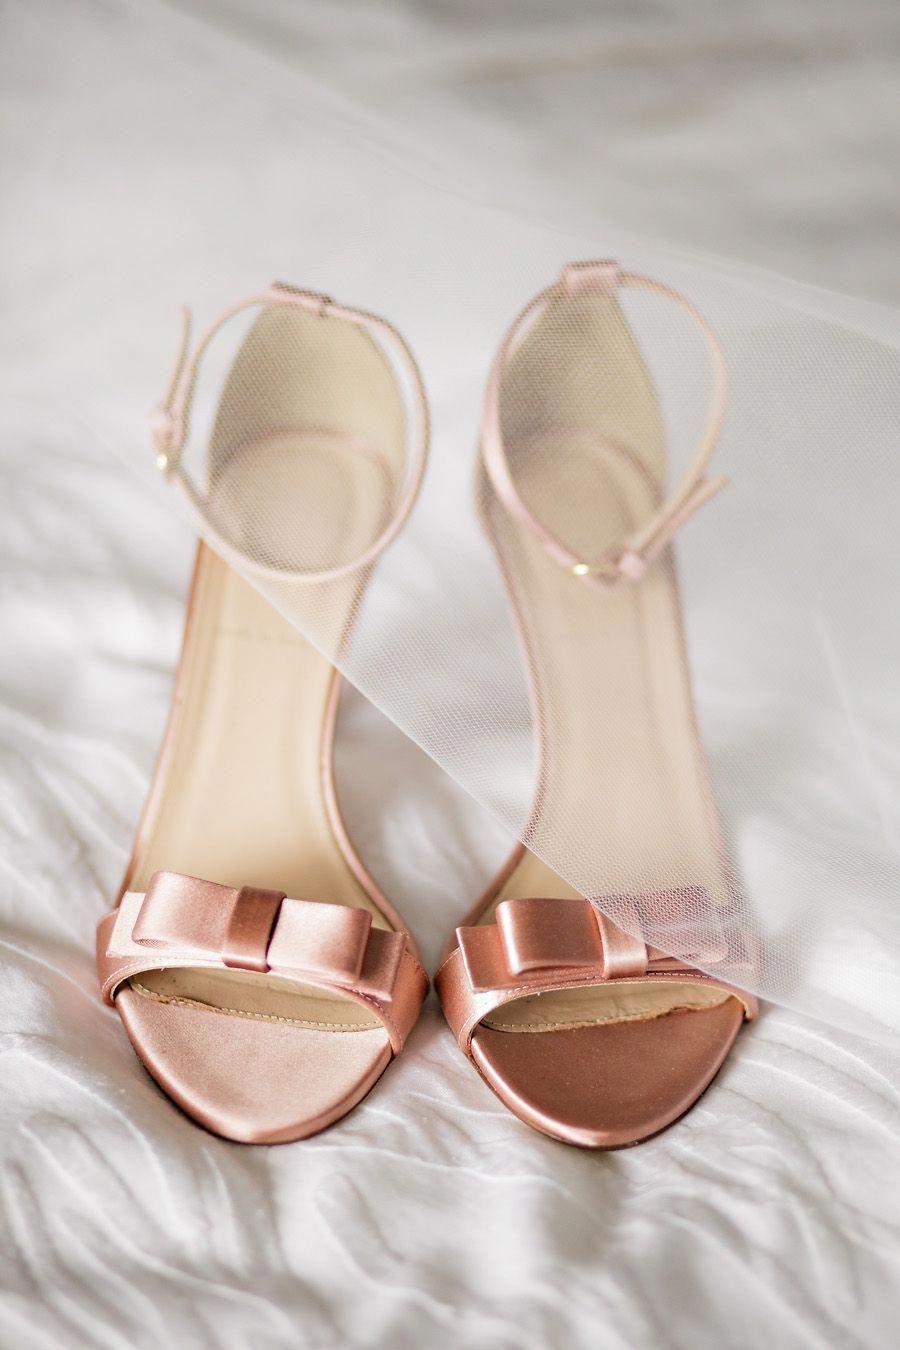 lowest price 915ad 35e12 Schuhe für die Braut mit Satin-Schleifen in Kupfer ...